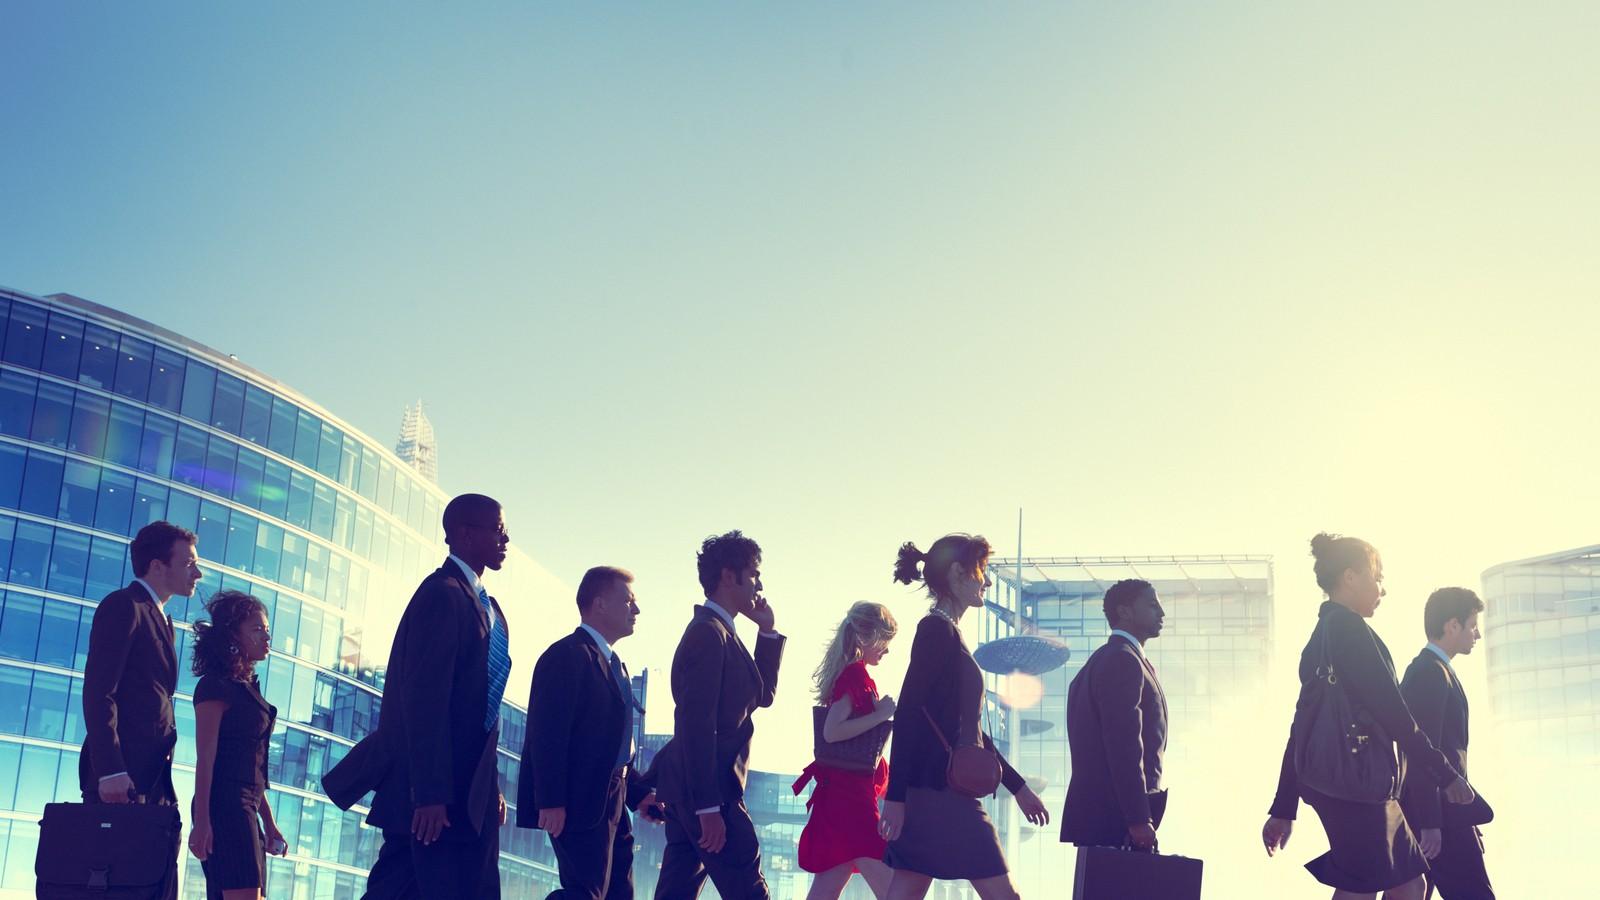 delegate of diversity